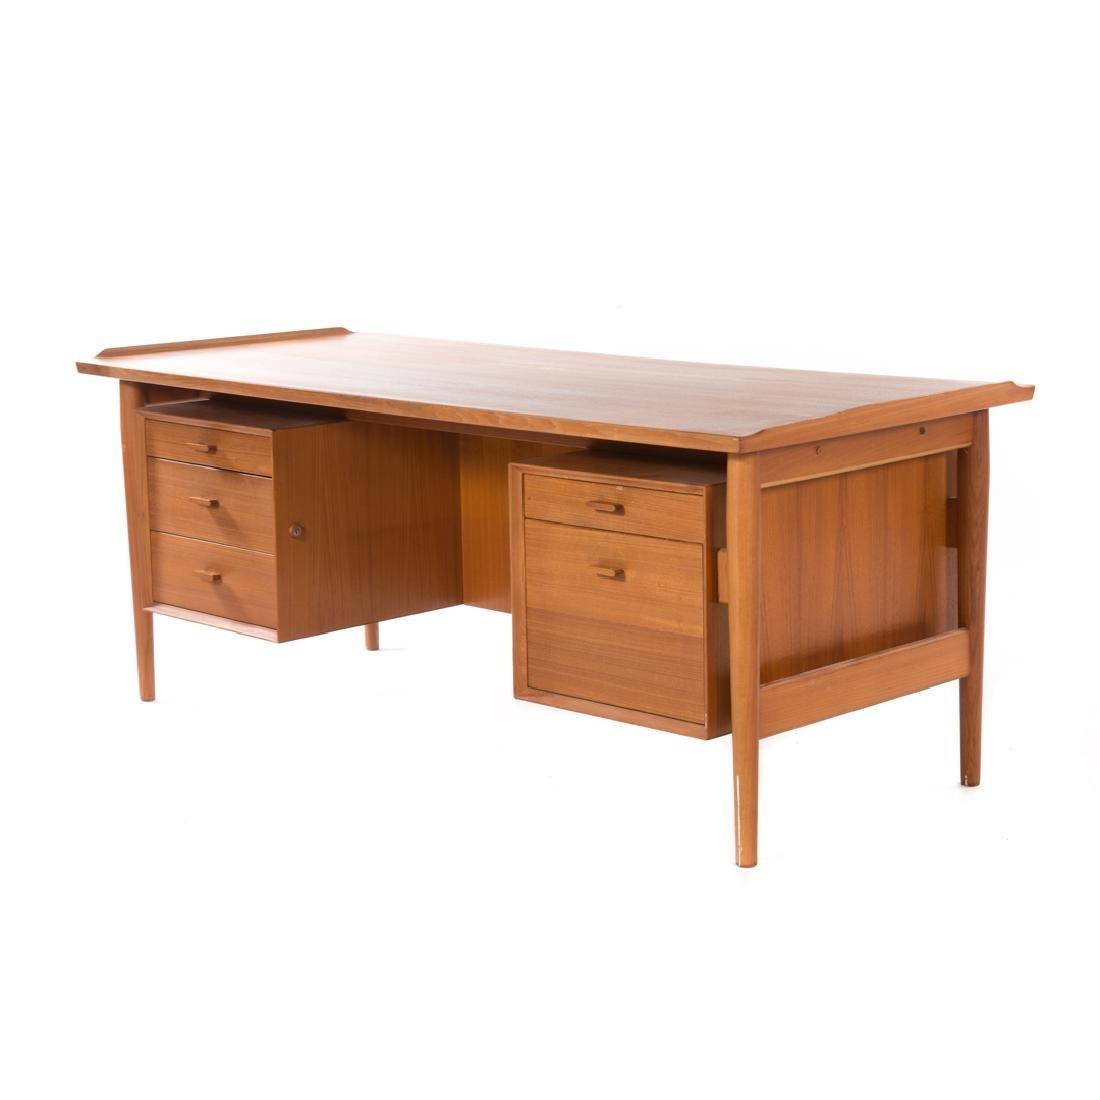 Arne Vodder Danish Mid-Century Modern teak desk